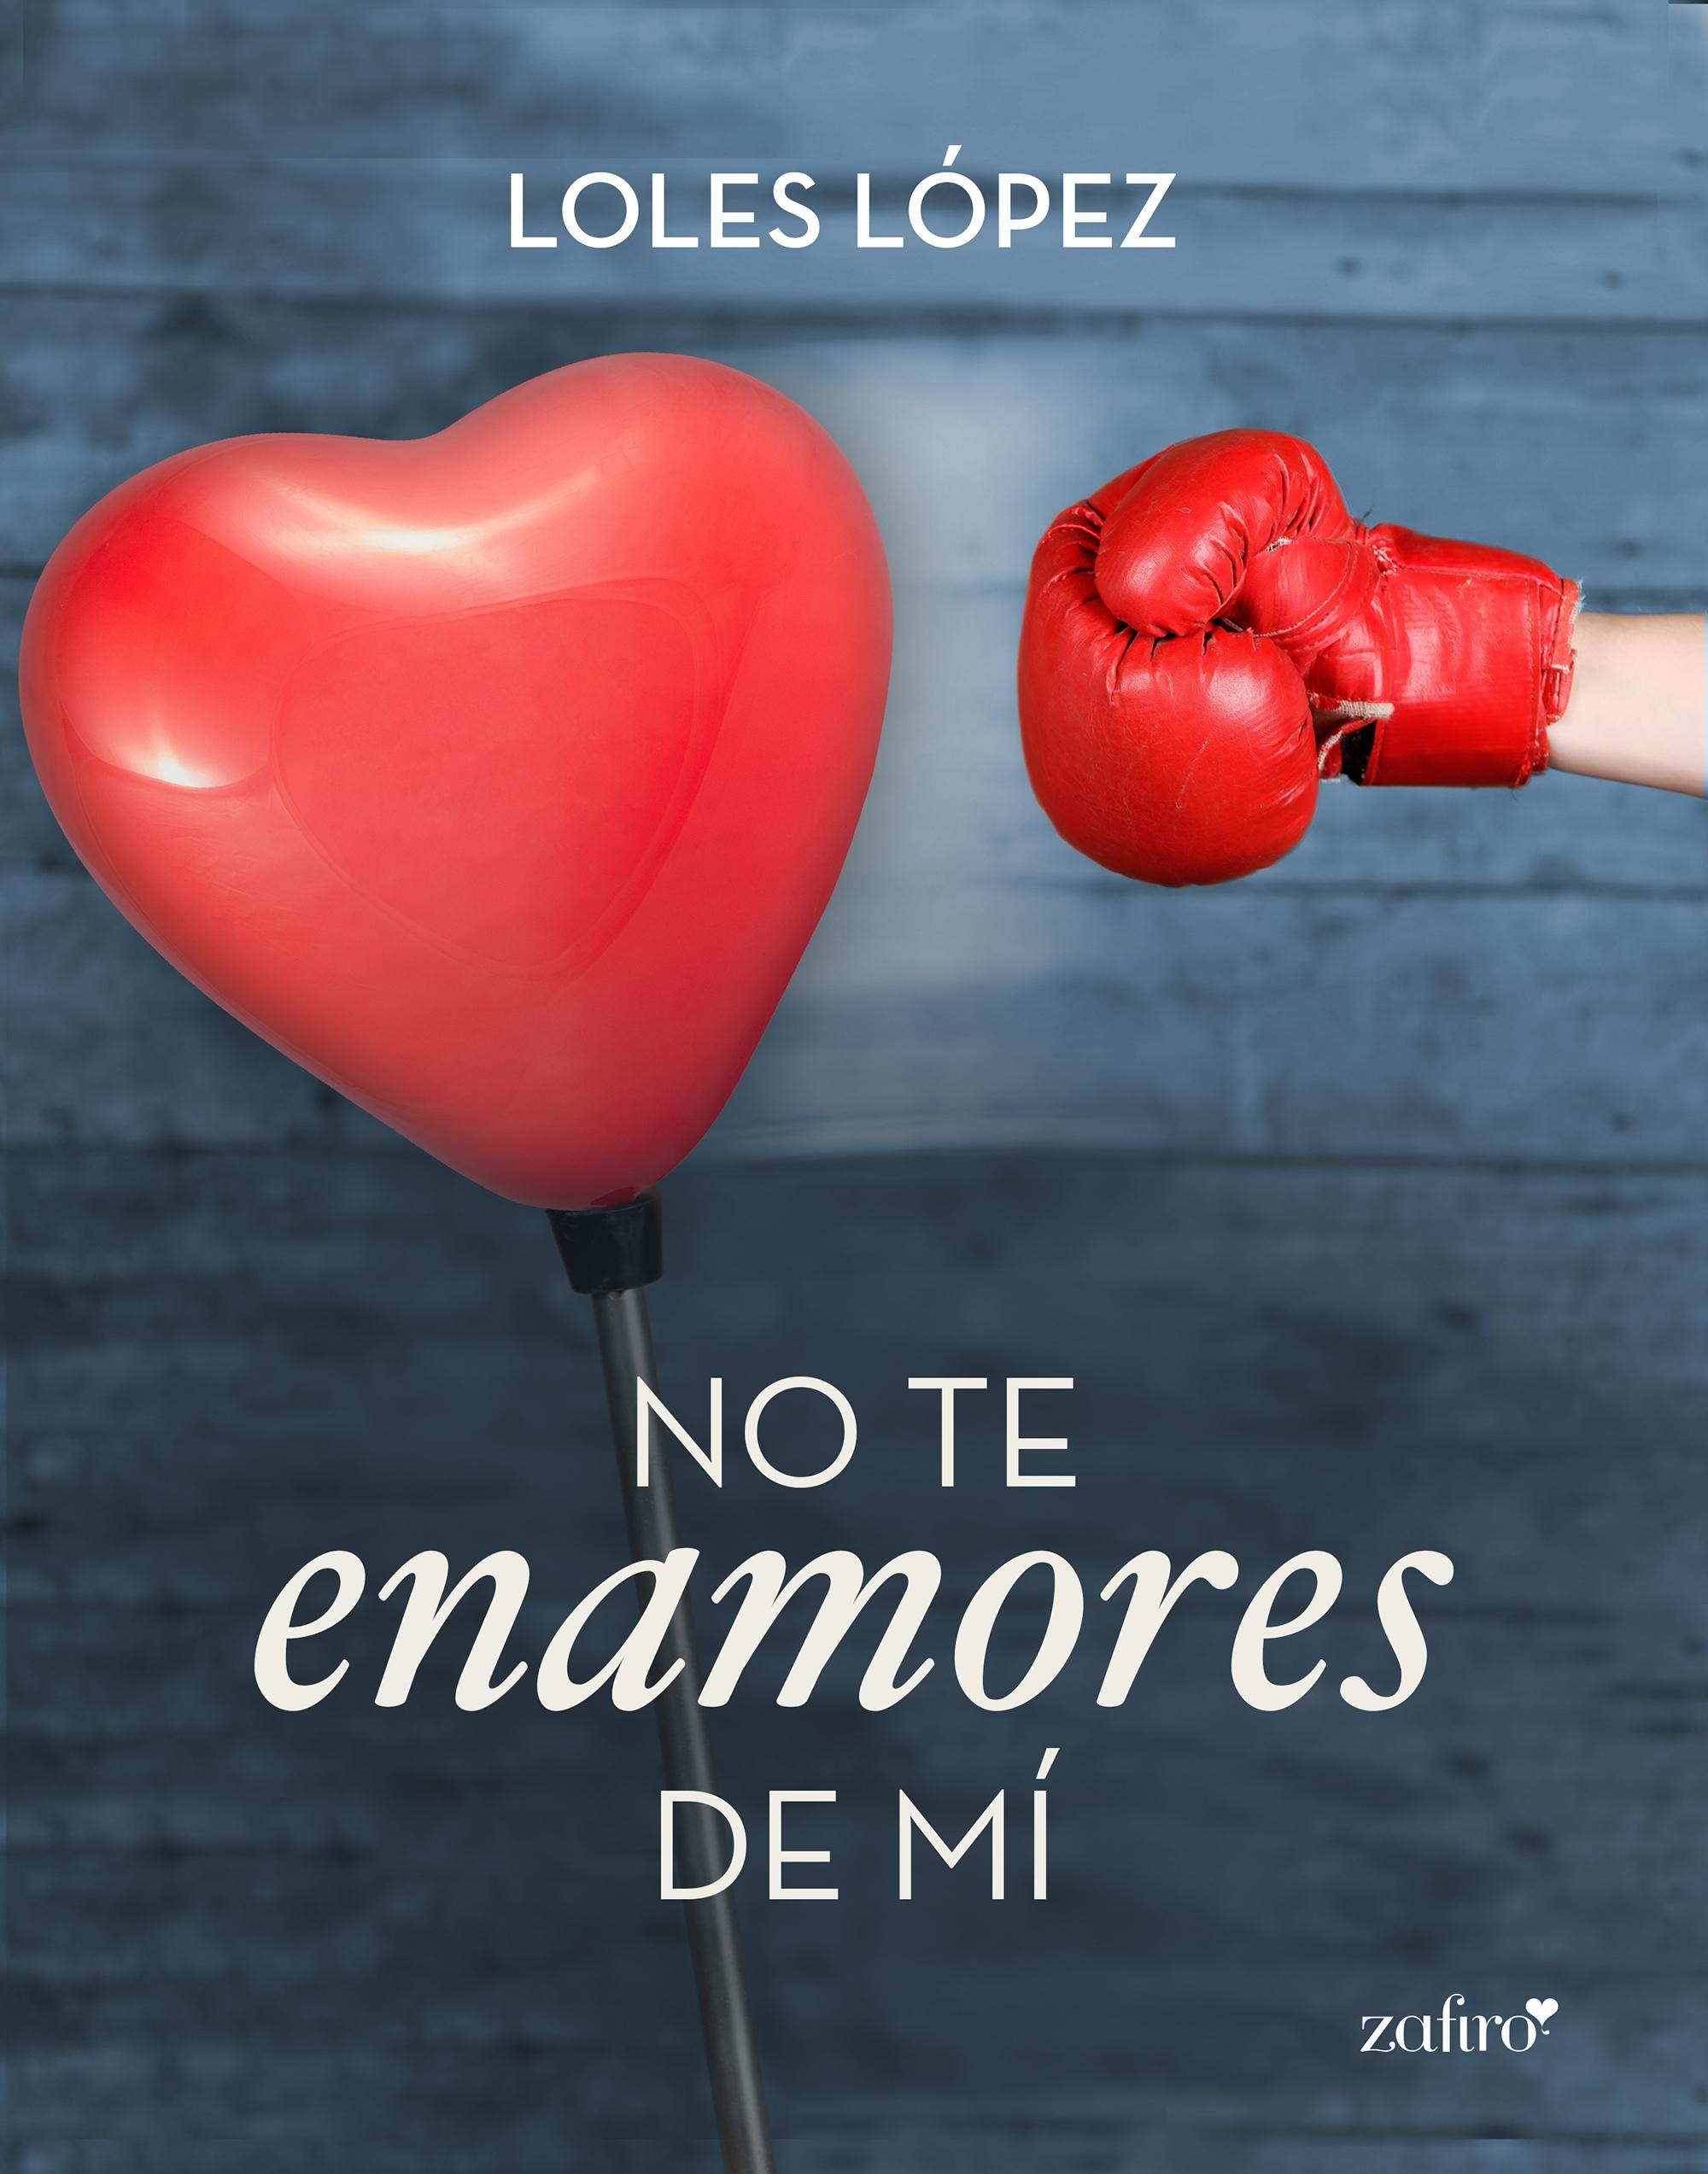 No te enamores de mí - Loles López (Rom) No-te-enamores-de-mi_9788408133162